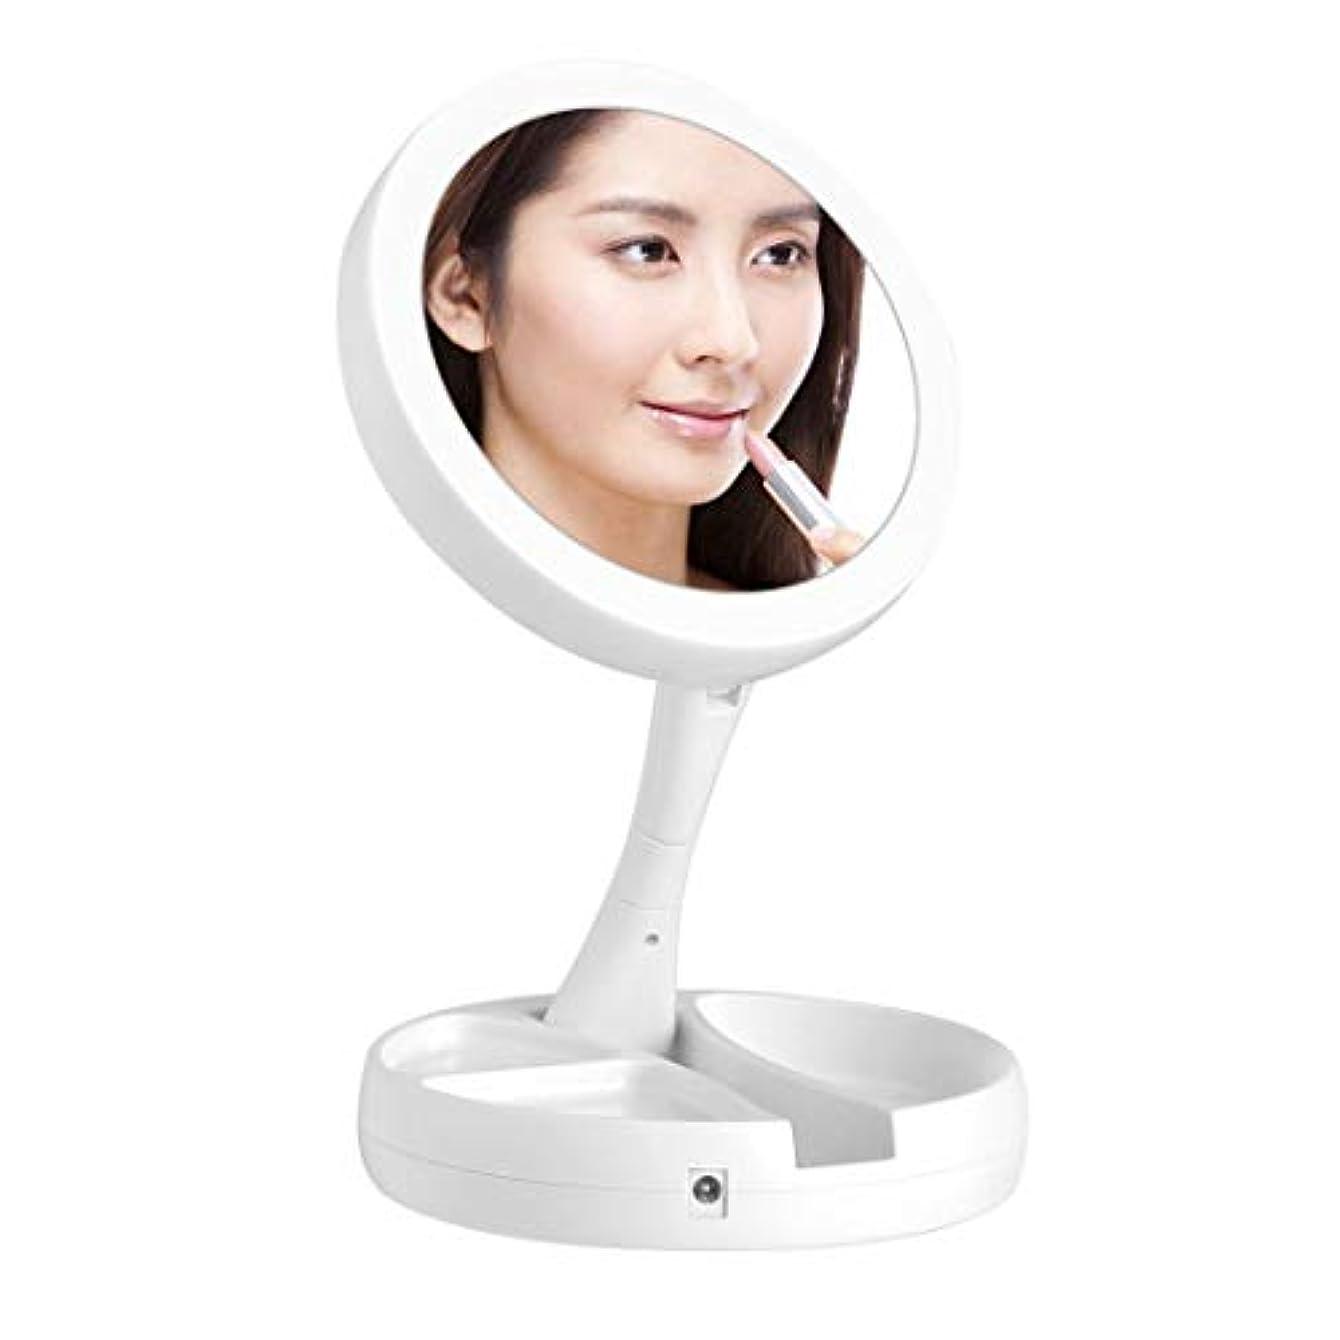 三角形晩ごはんシャッフルkamaa化粧鏡 化粧ミラー 女優ミラー LED両面鏡 鏡 10倍拡大鏡付き 折り畳み式 卓上 テーブルランプUSB/電池給電 180°回転